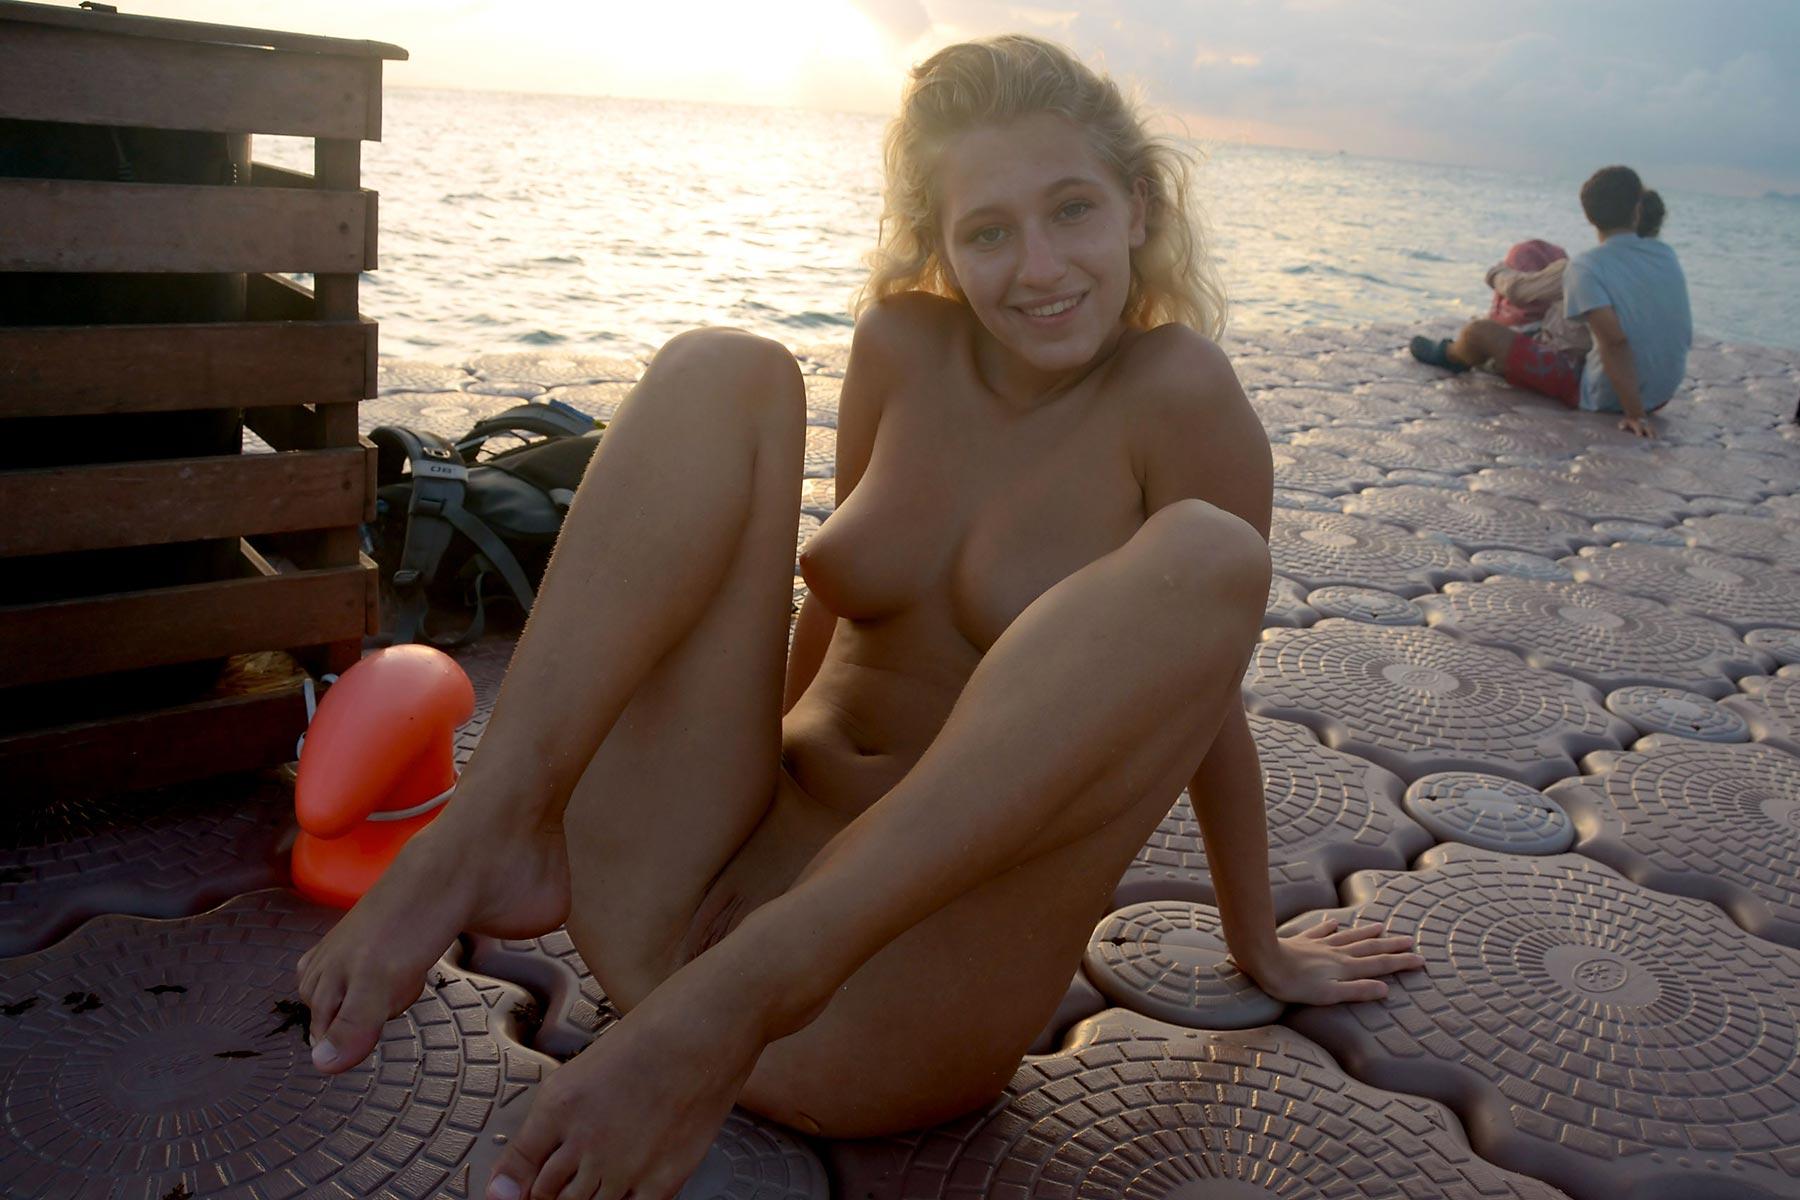 tereza-blonde-thailand-holiday-public-naked-seaside-25